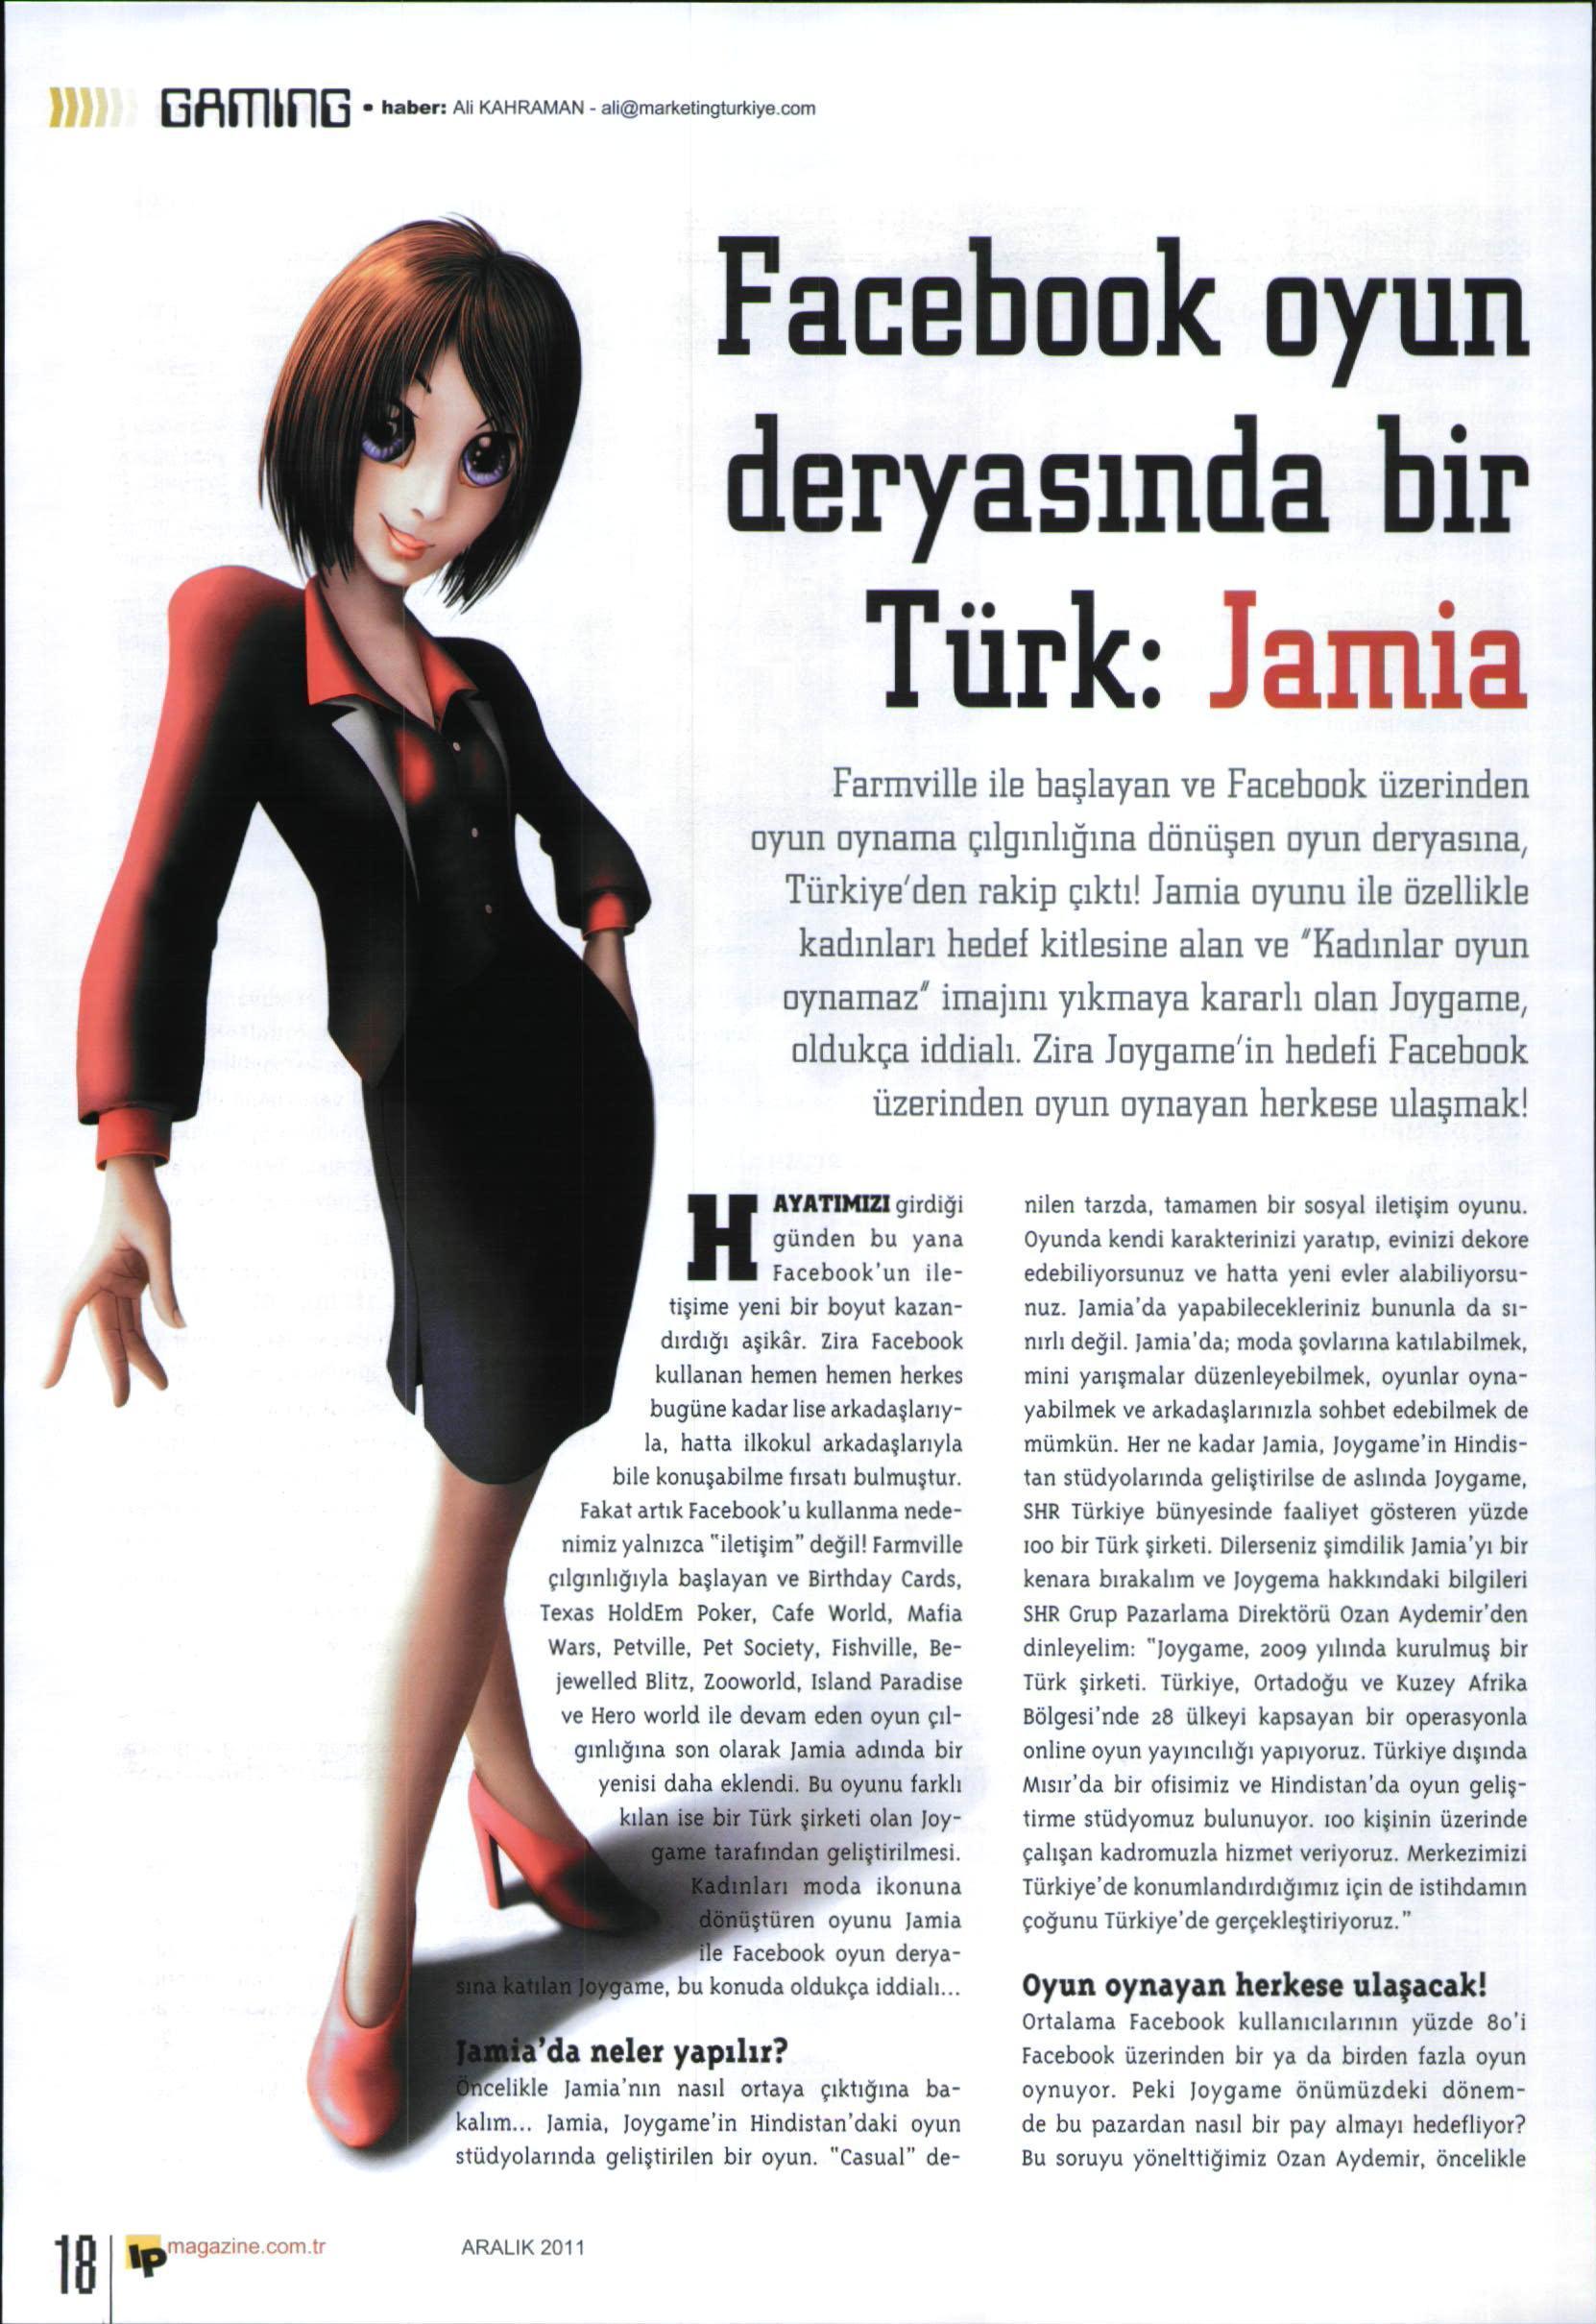 Netmarble-Turkey-Basin-Yansimasi-Marketing-Turkiye-15-Aralik-2011-1